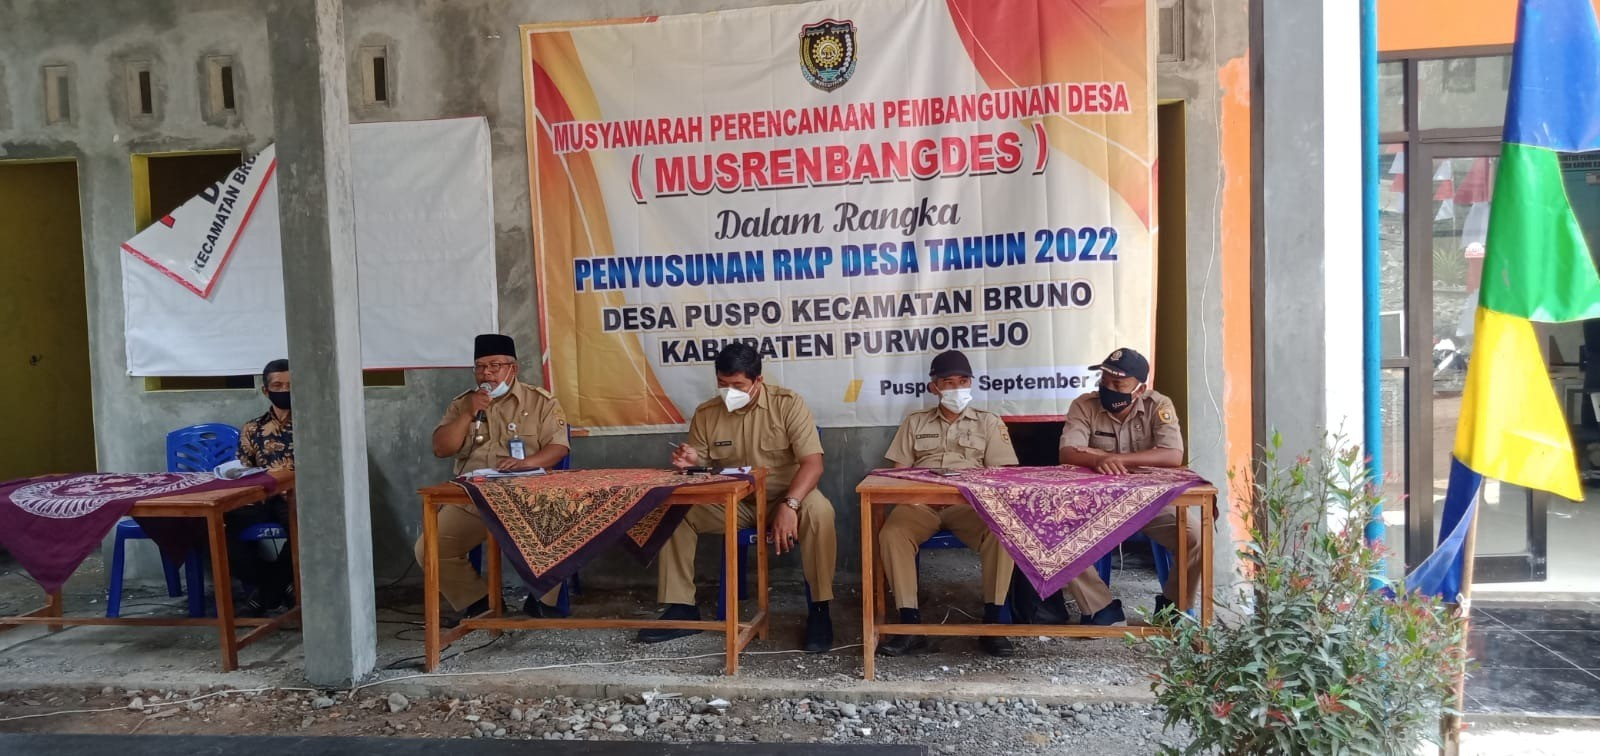 Musrenbangdes_Puspo_11zon.jpg